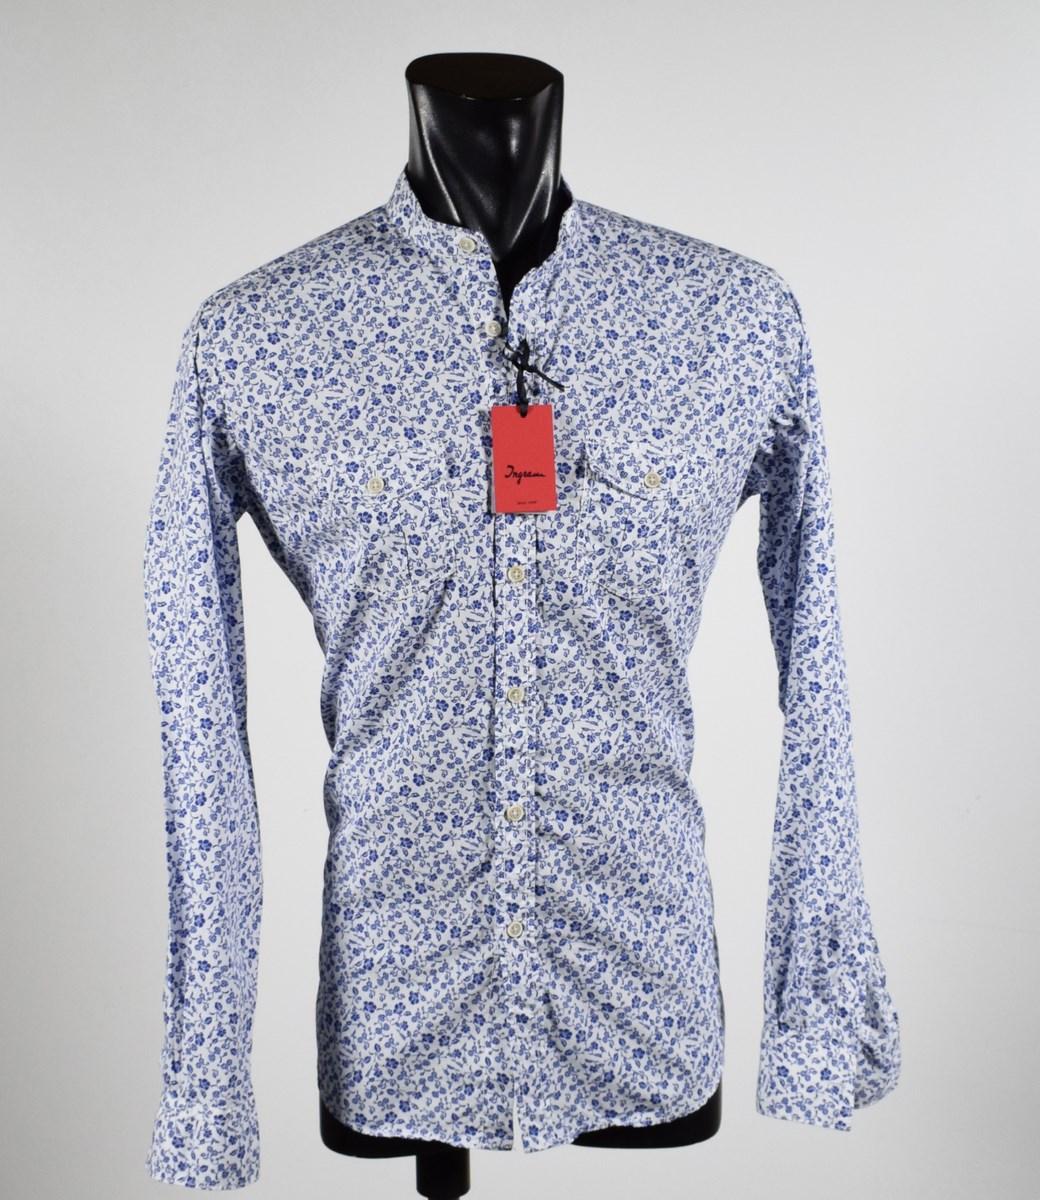 meet 6358f c55af Dettagli su Camicia Ingram Regular Fit collo Coreana con tasconi 100%  Cotone stampato